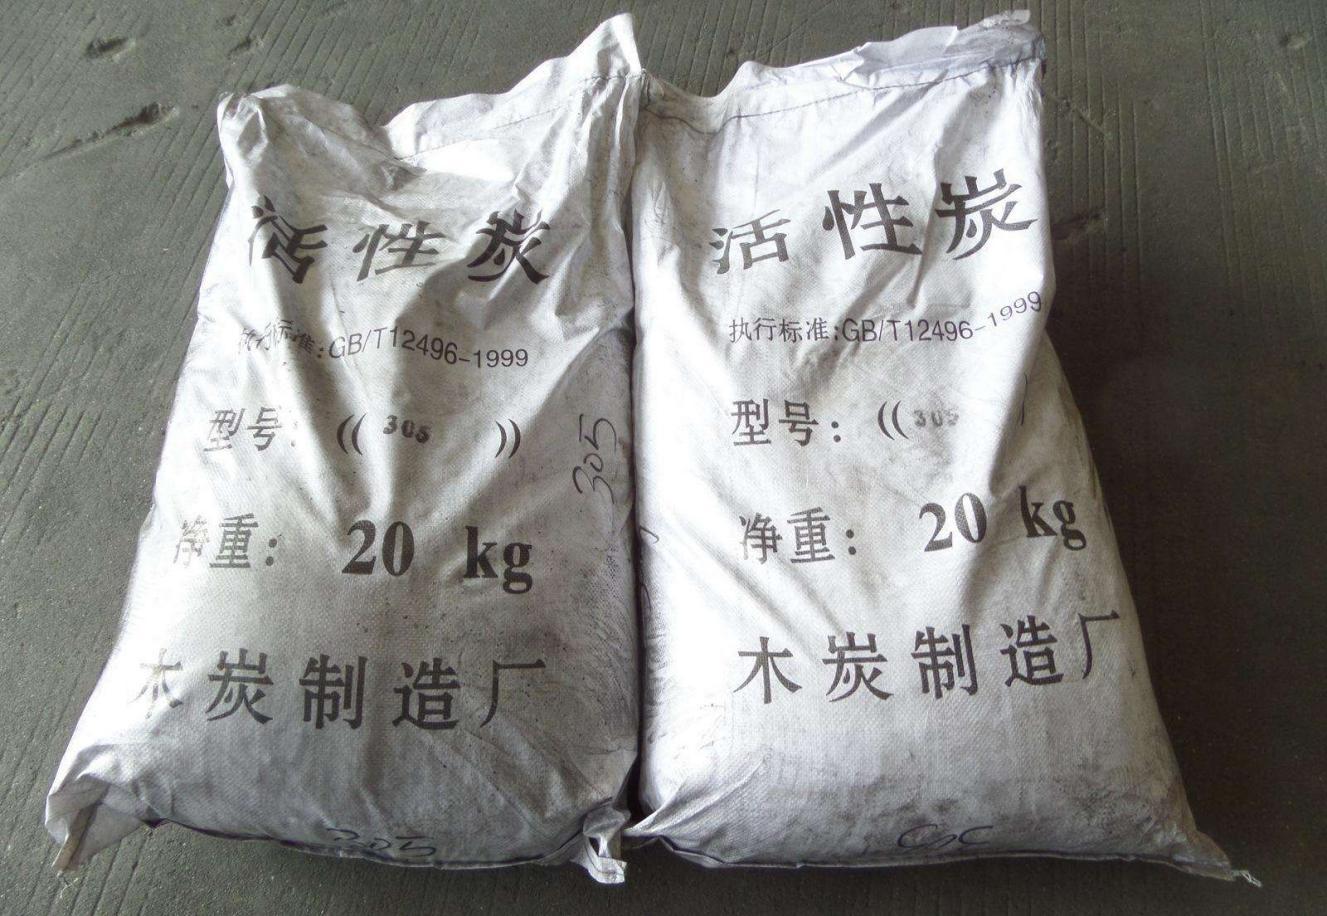 西安活性炭是什么?小编这就告诉你